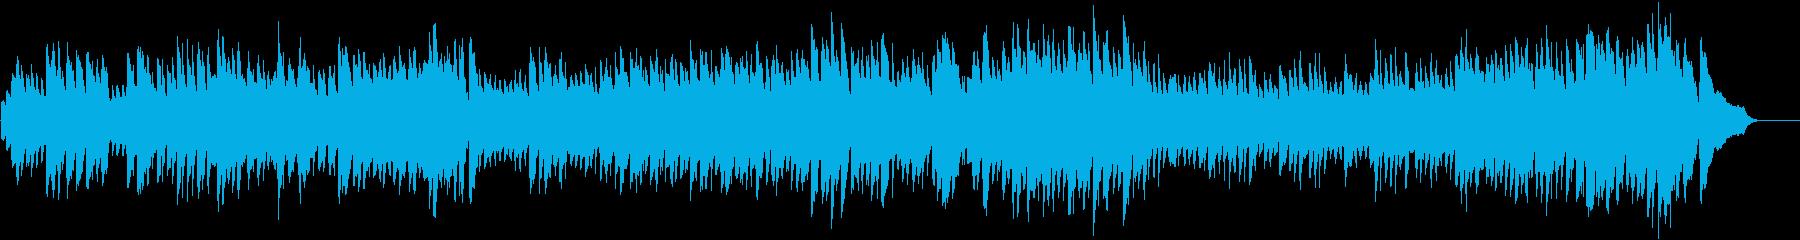 バッハ_インヴェンション第1番_ピアノの再生済みの波形